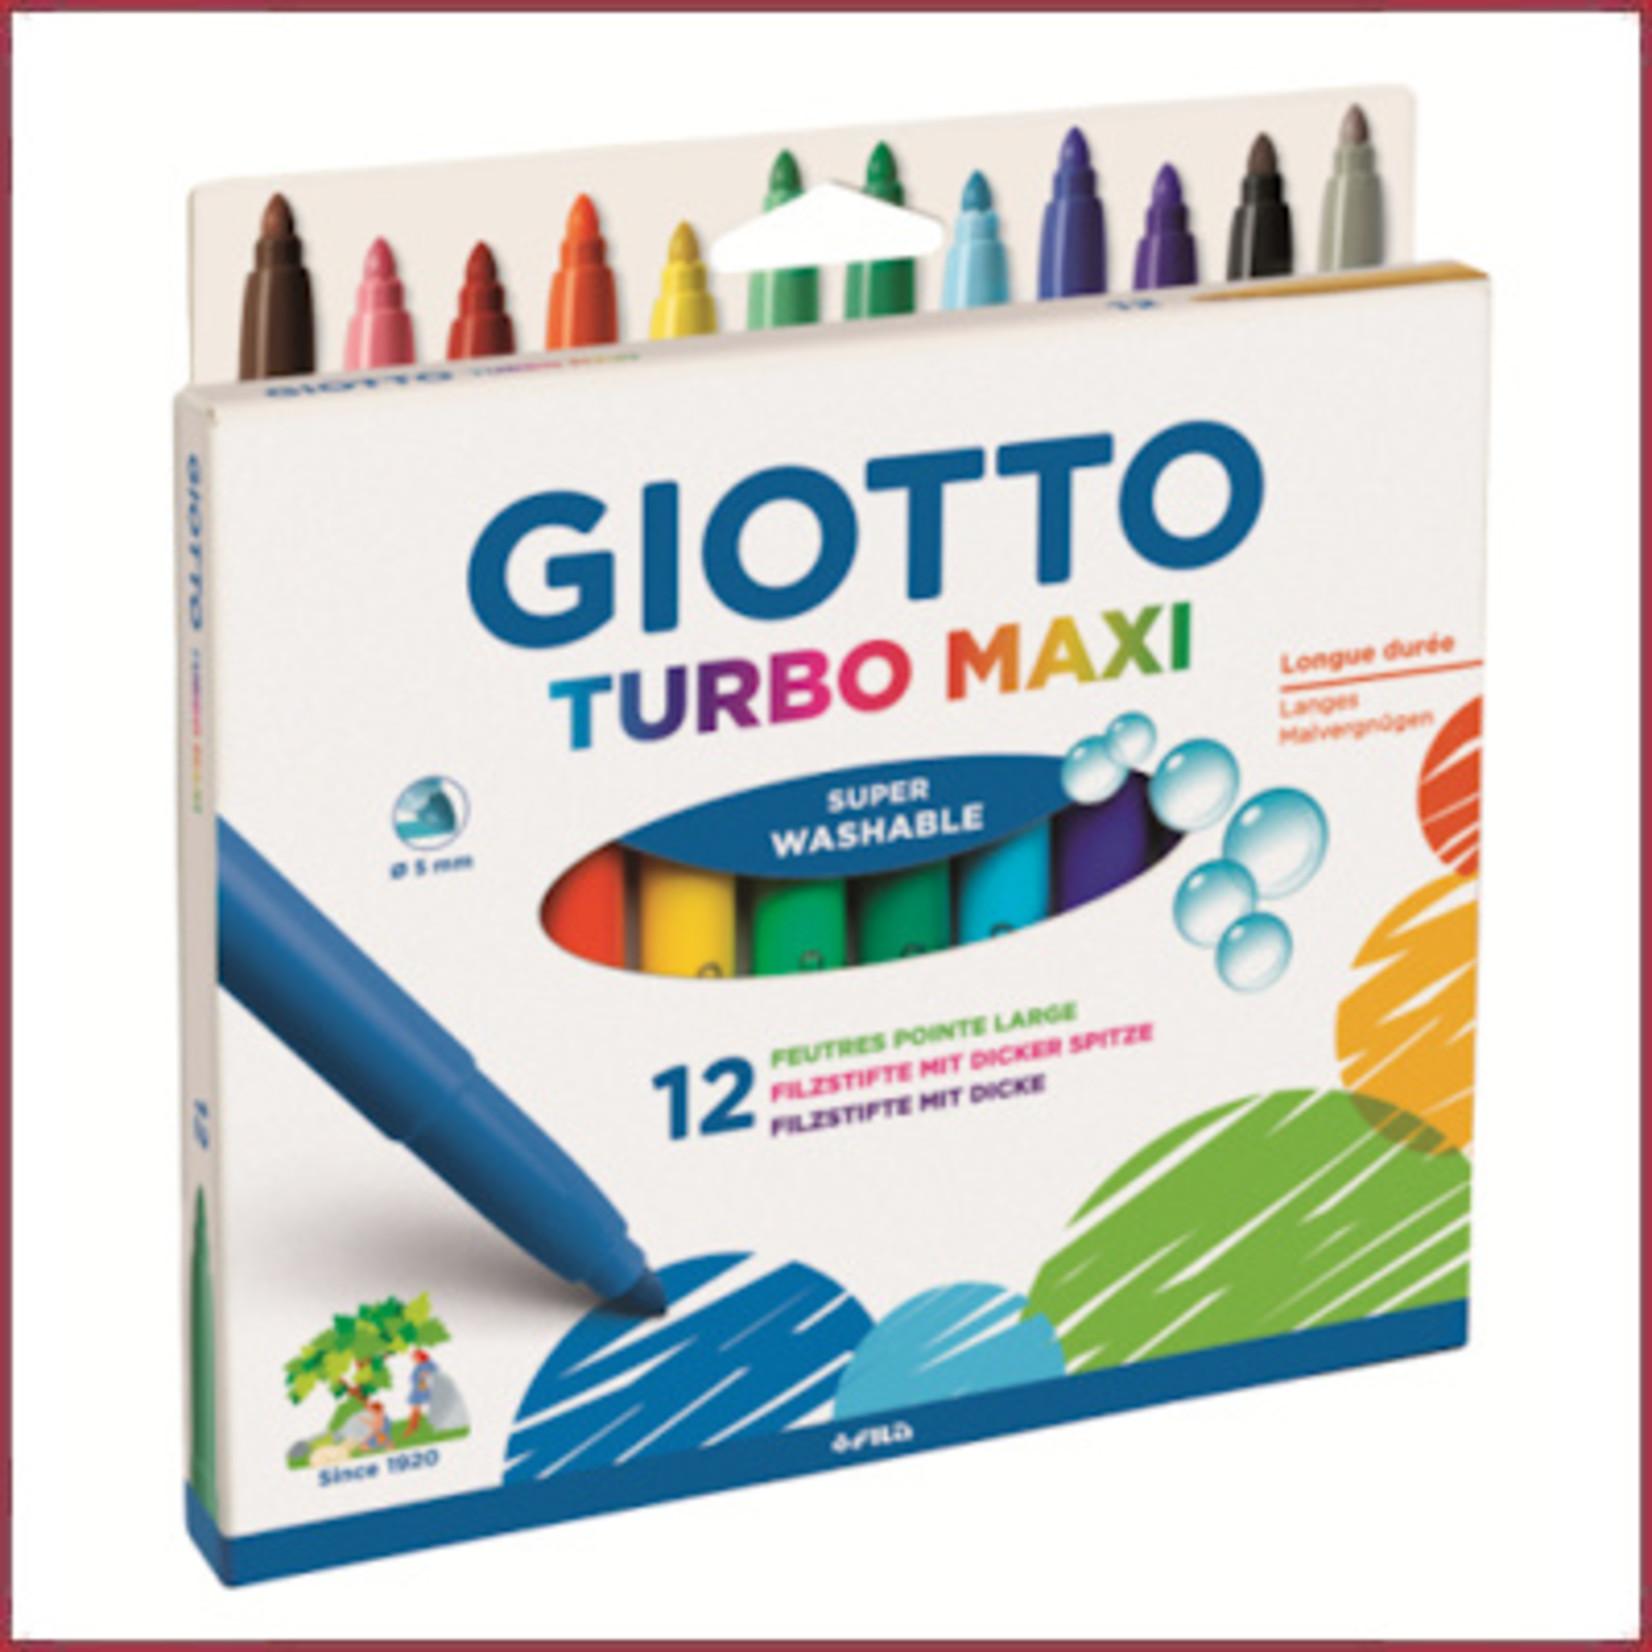 Giotto Giotto Turbo Maxi viltstift